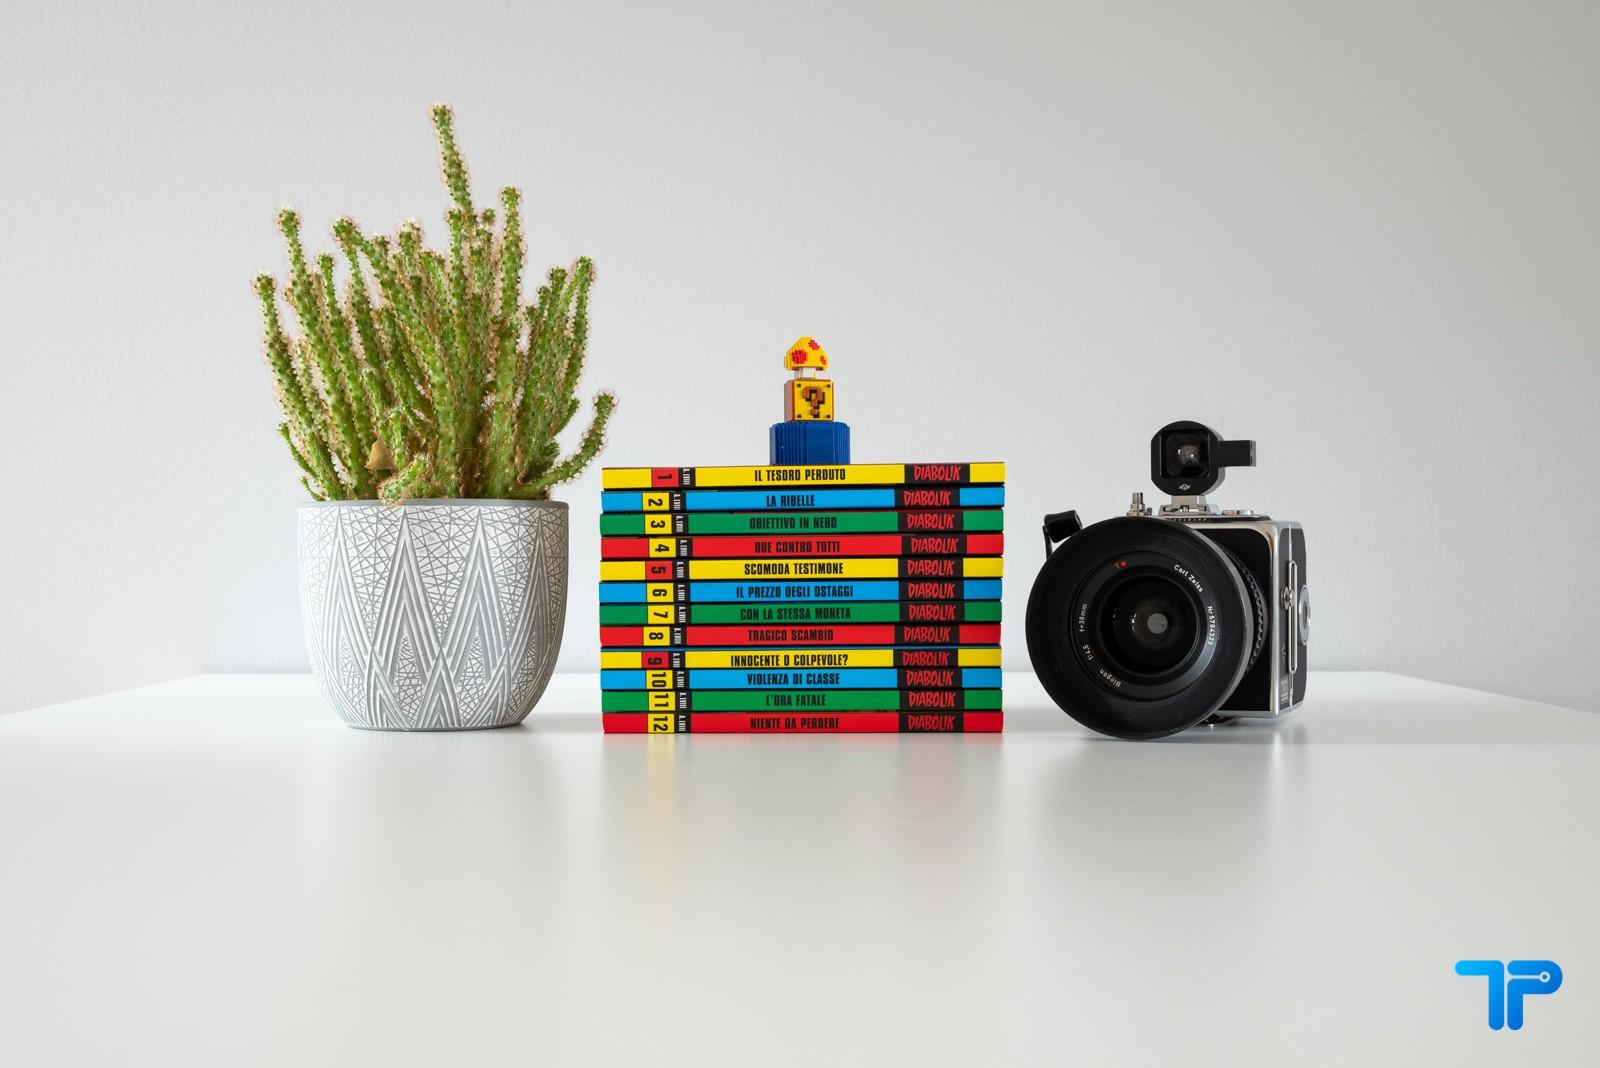 Nikon Z5: ISO 100